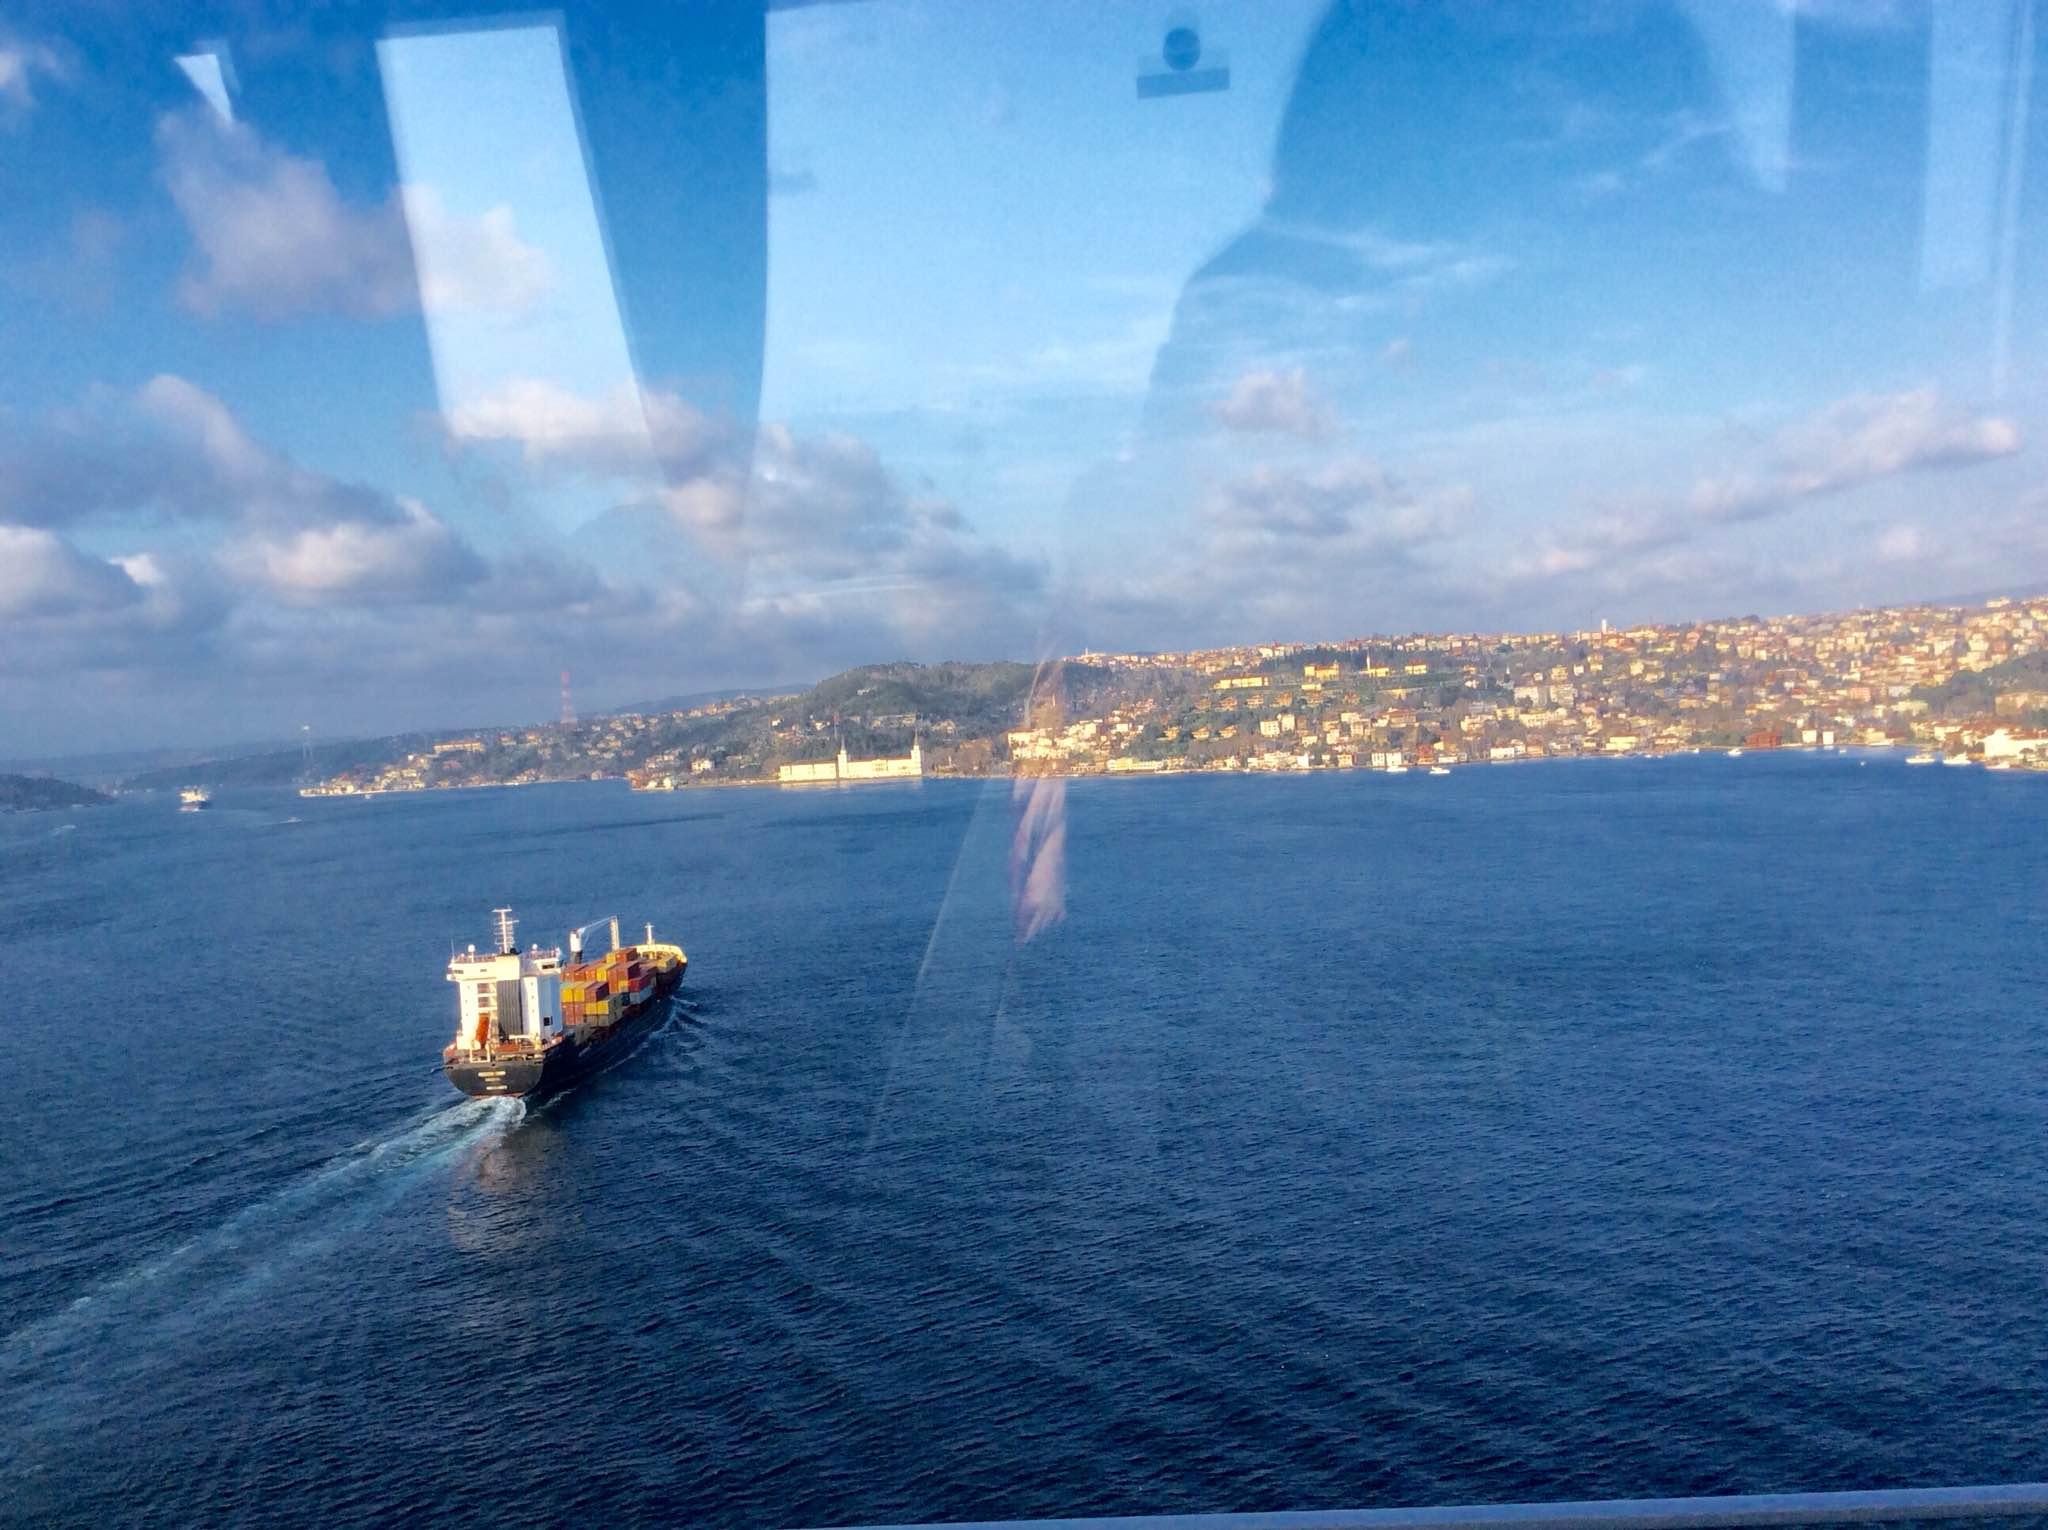 《星球大战》卡帕多奇亚 番红花城特色小镇 地中海爱琴海 天空之境图